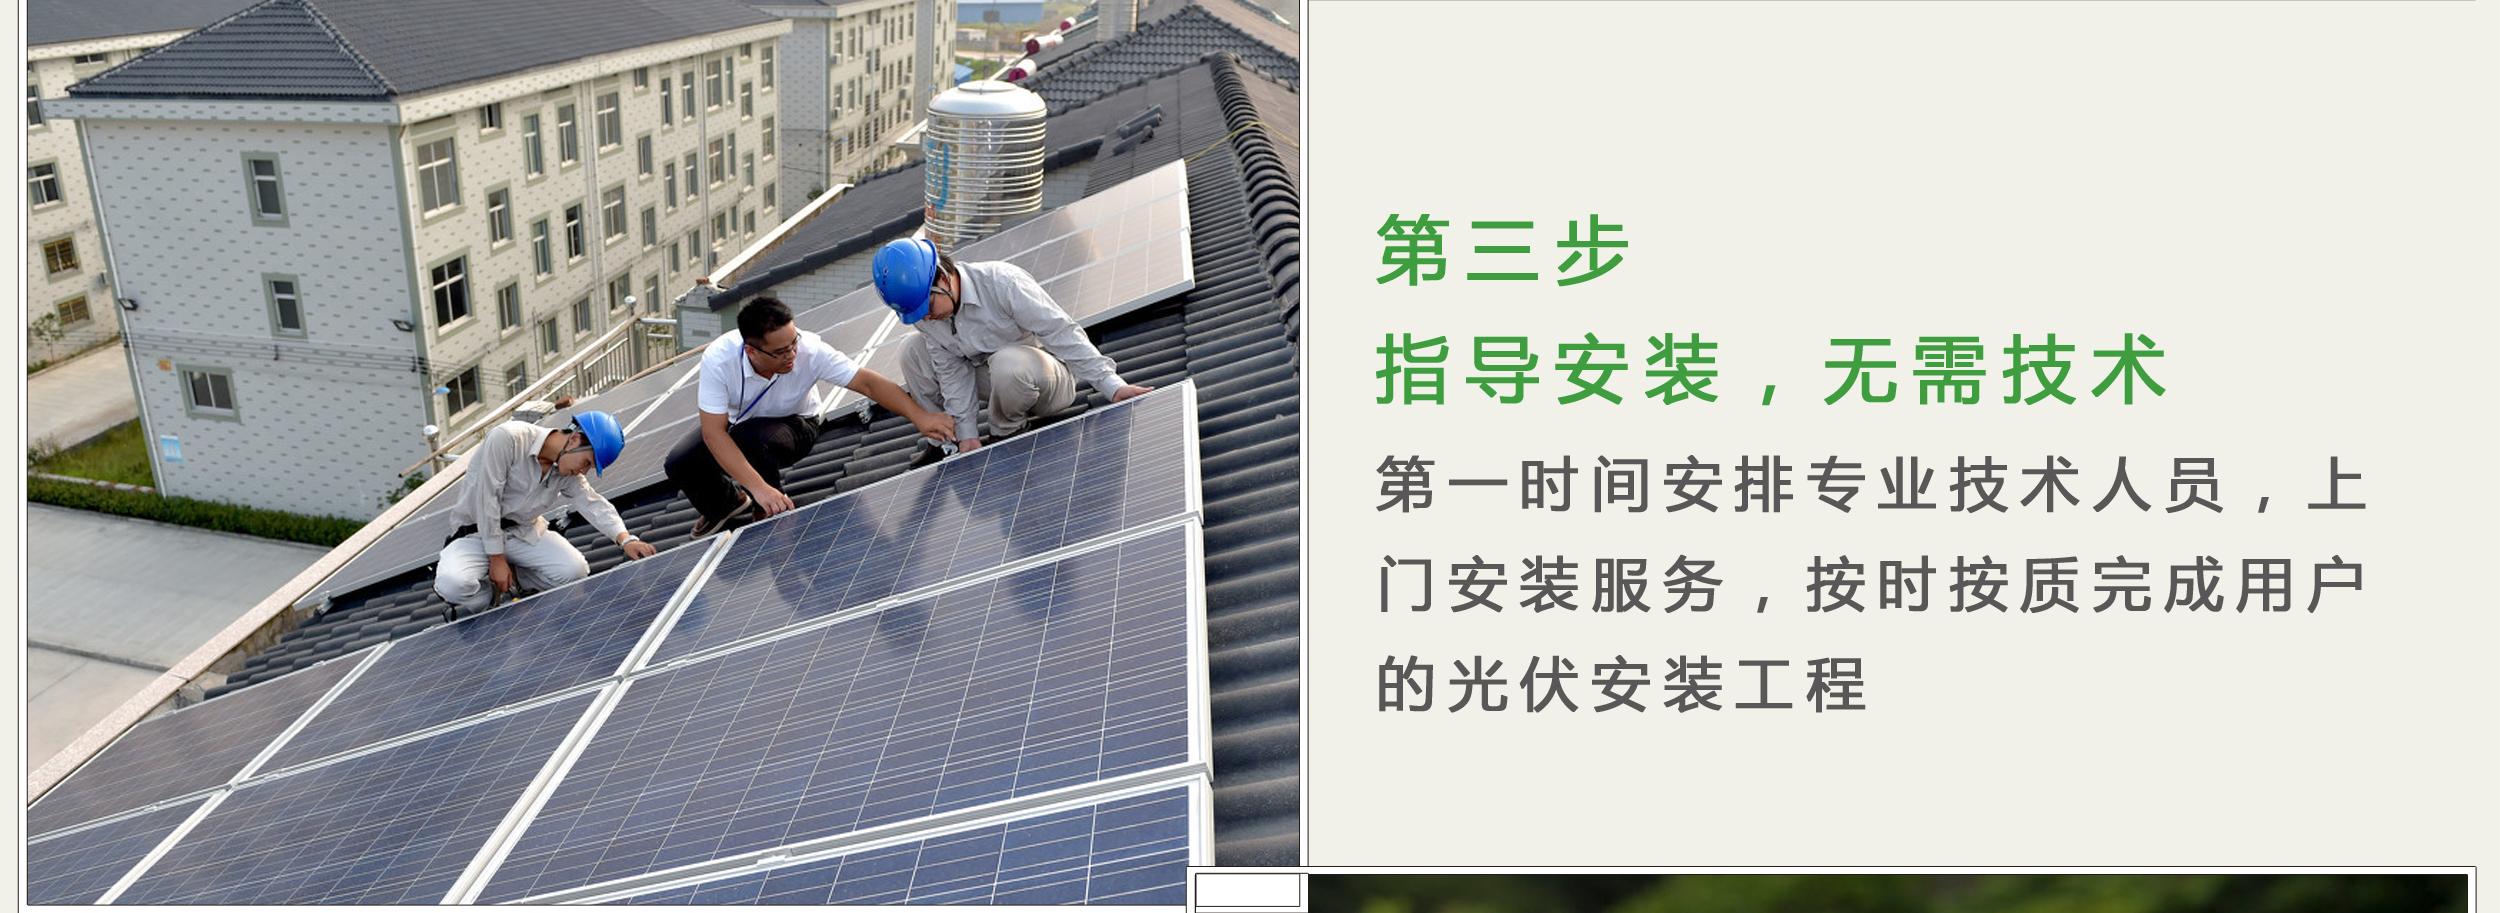 太陽能光伏發電加盟,太陽能光伏發電